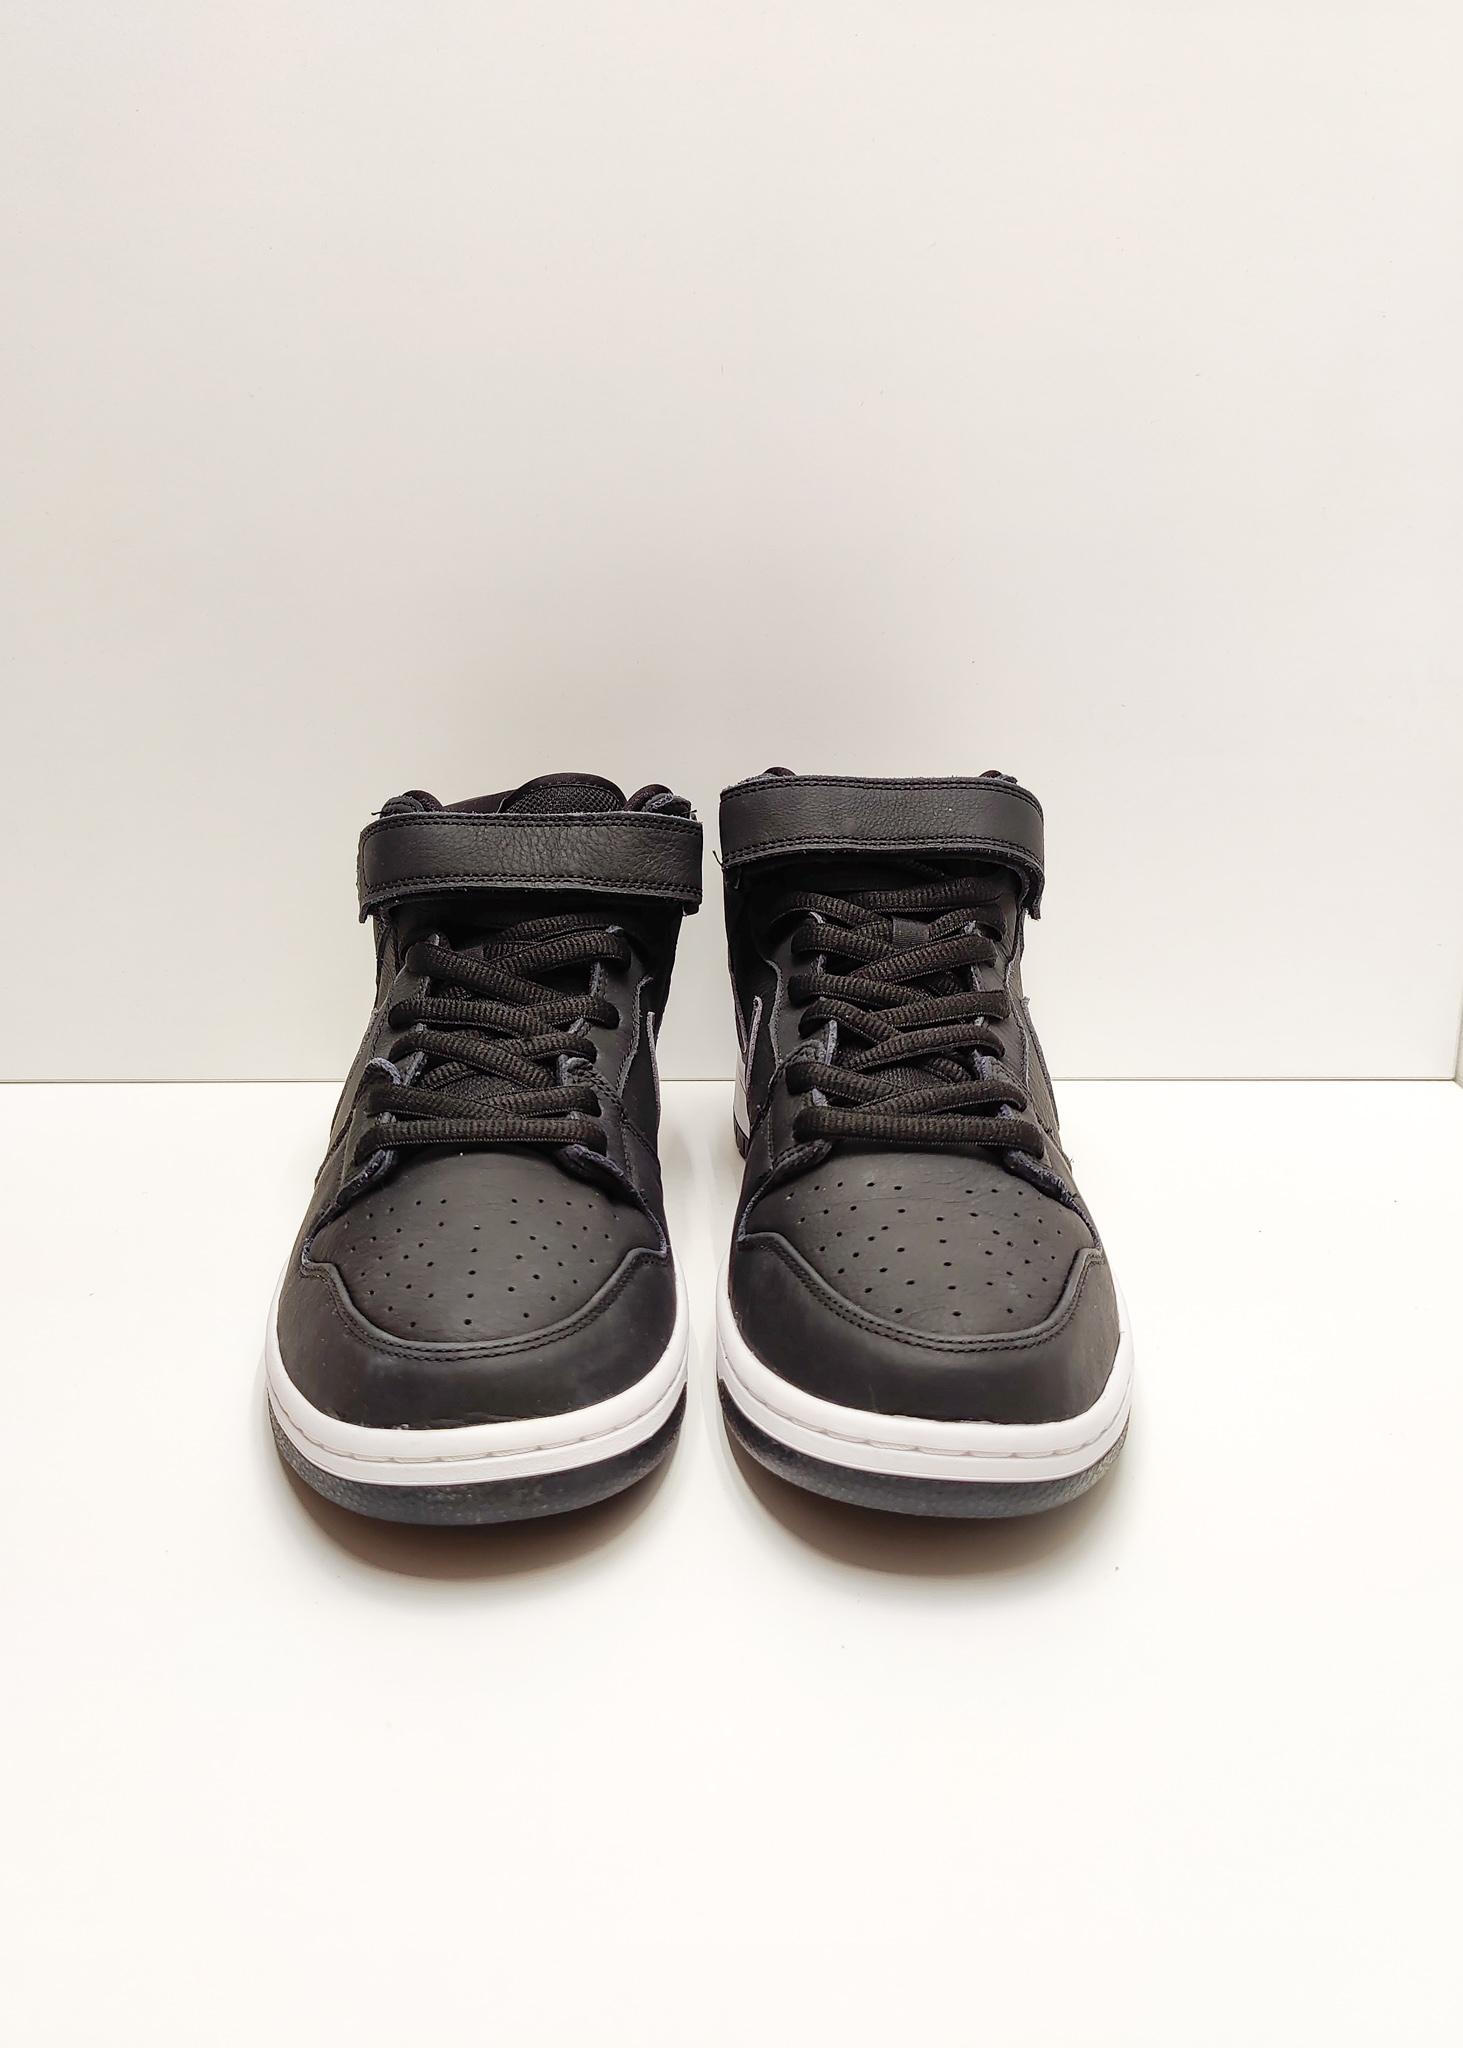 Nike SB Dunk Mid ISO Orange Label